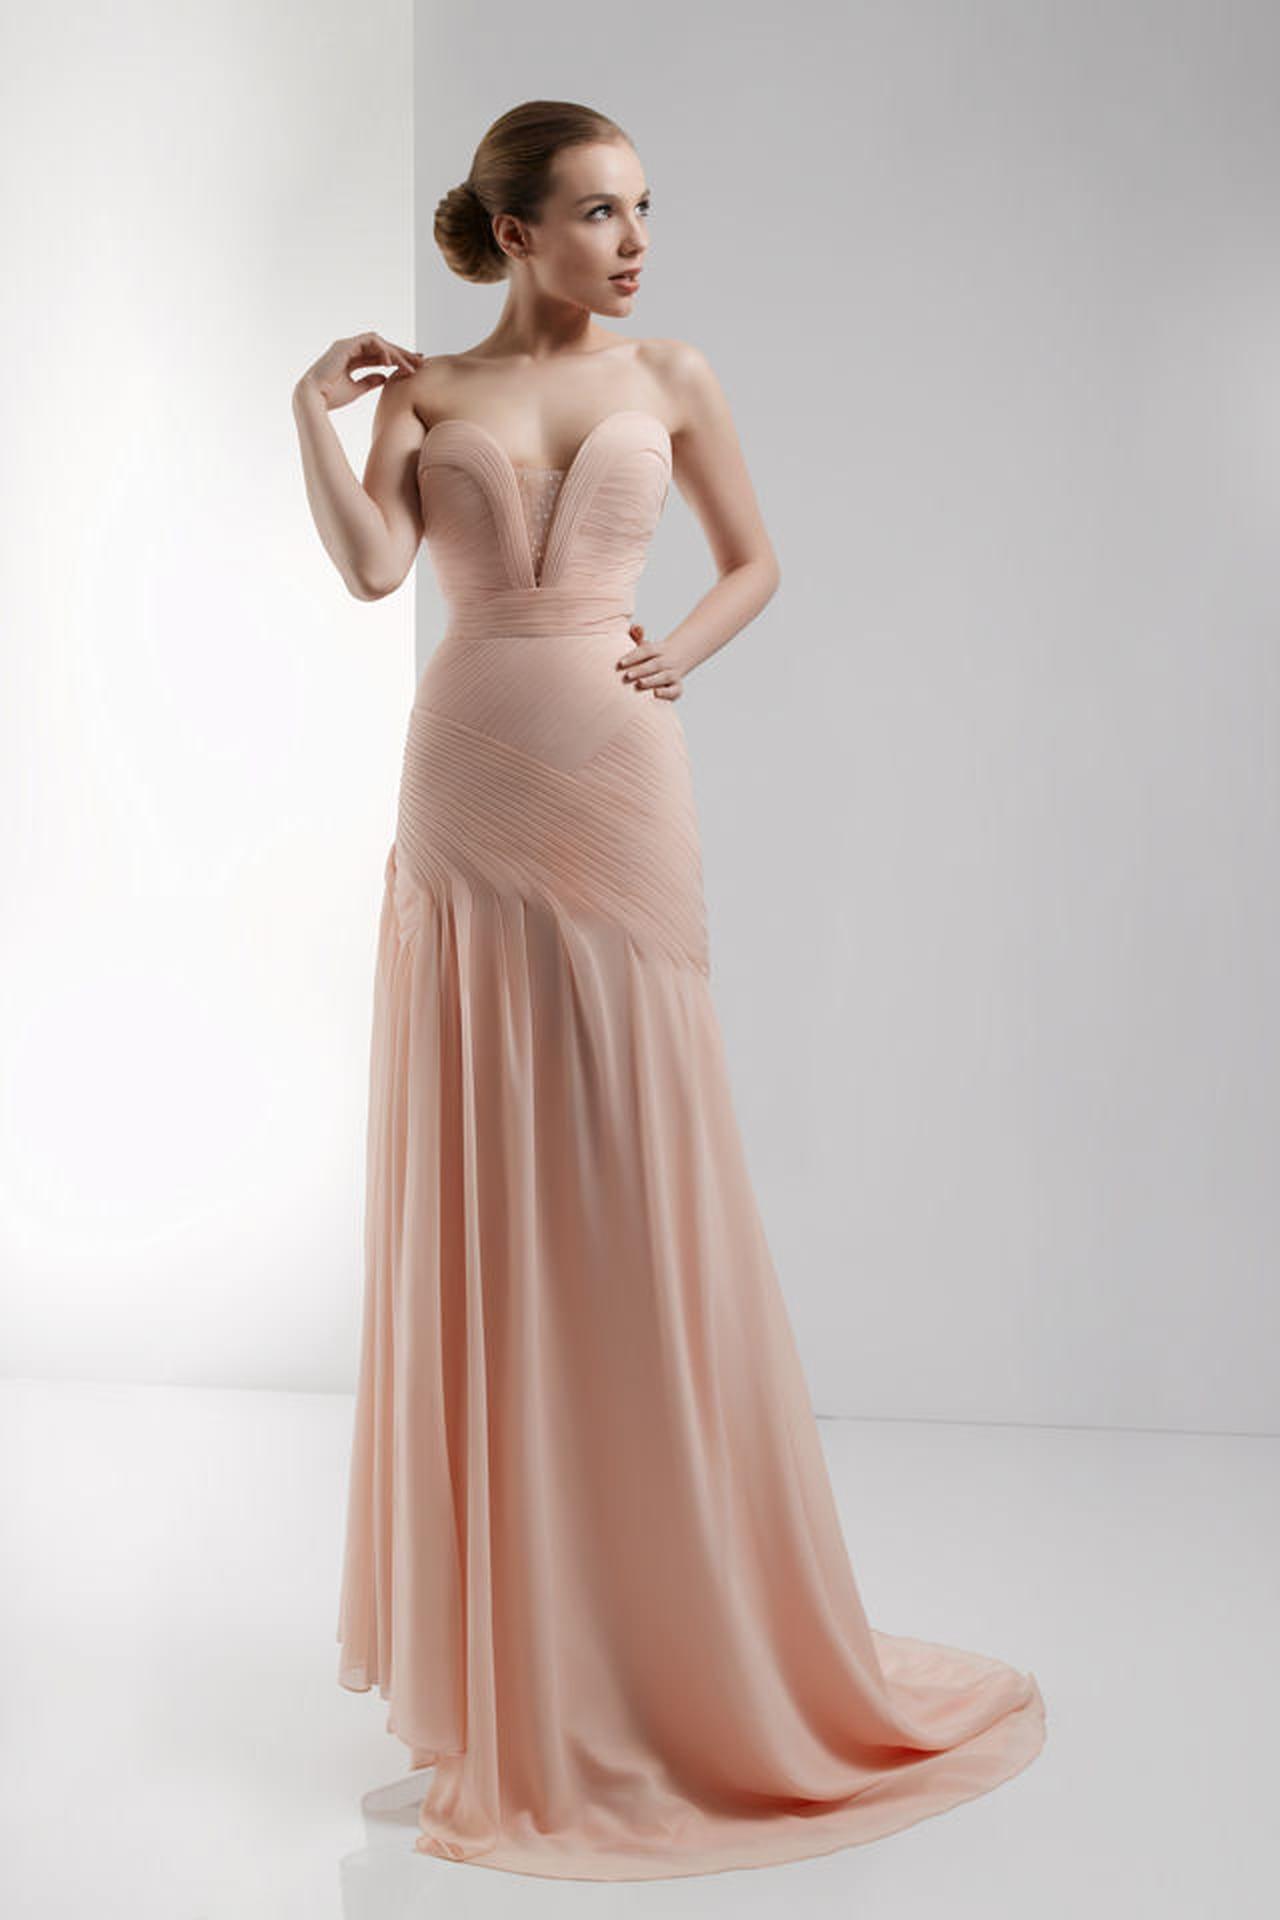 Abiti da sposa color rosa antico abiti donna for Rose color rosa antico